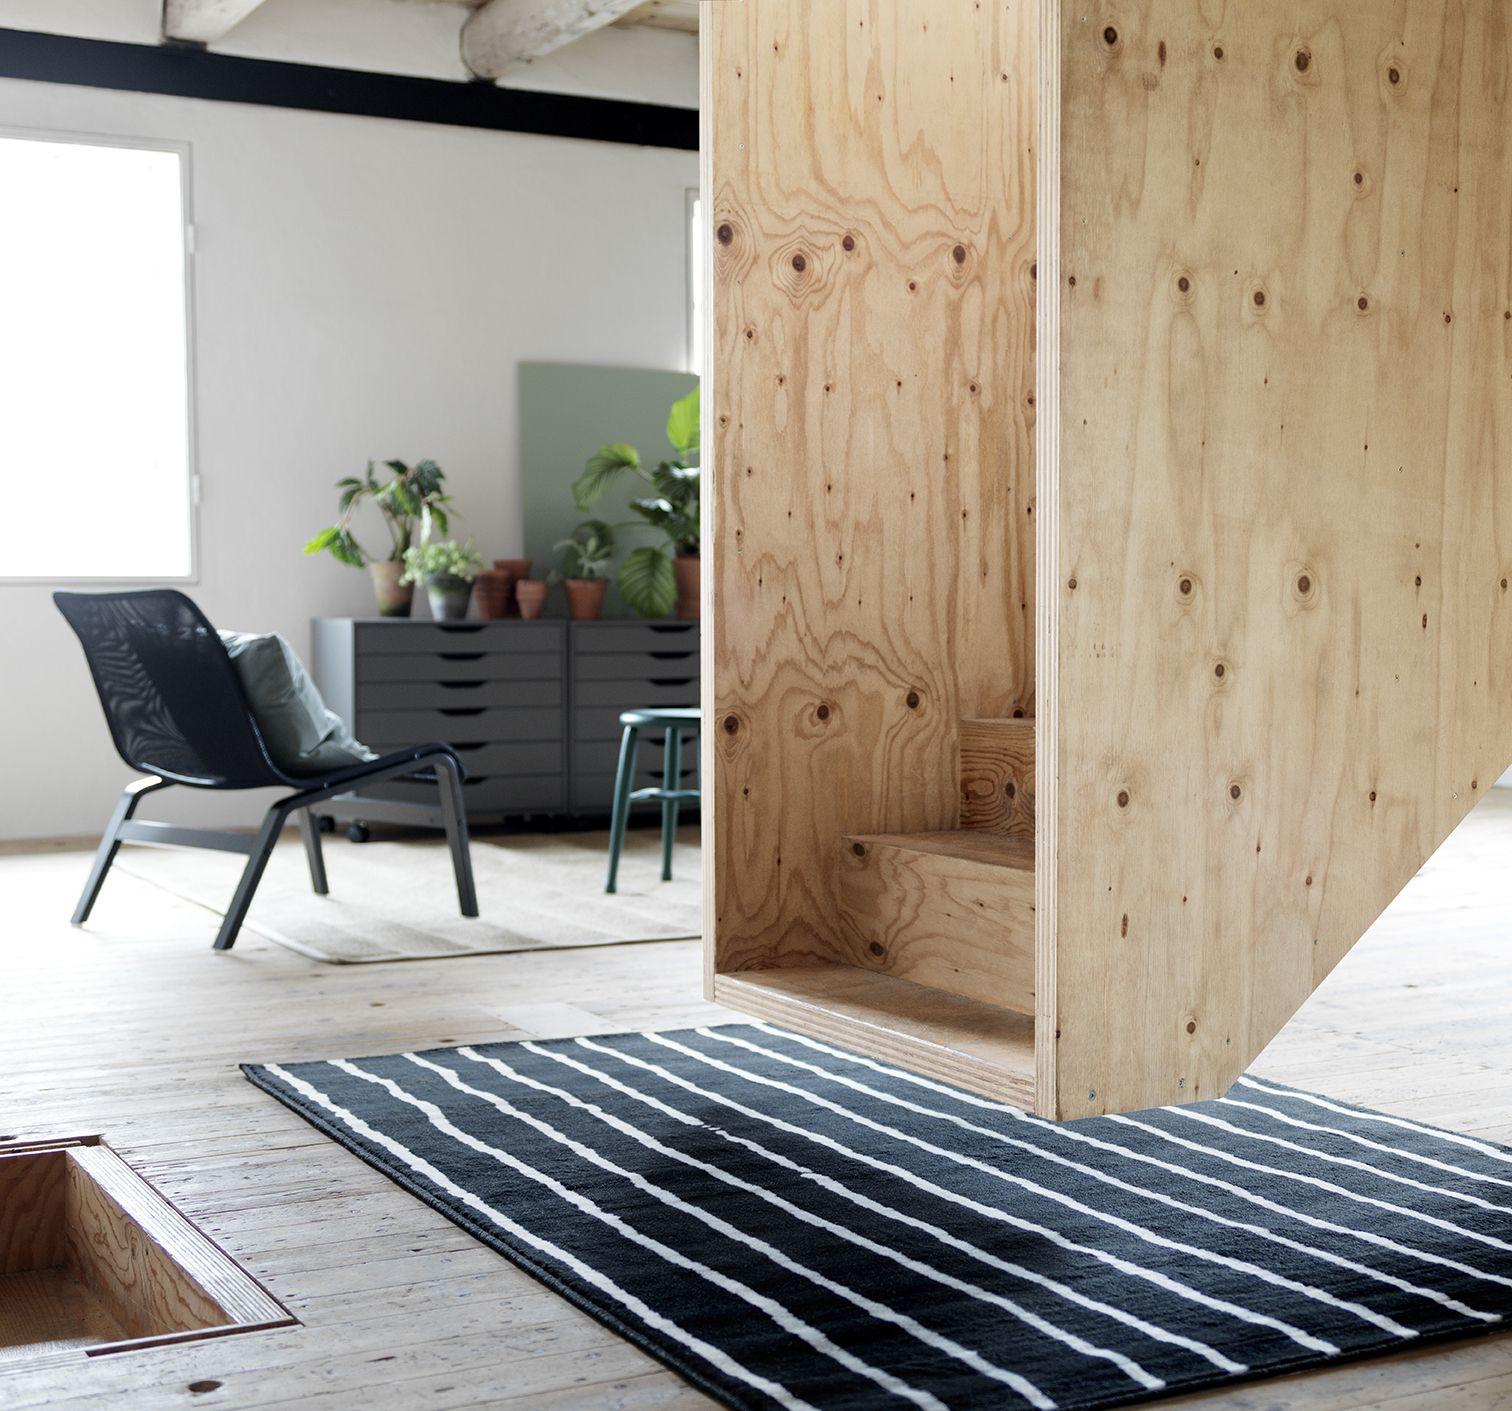 Килимът лесно може да промени облика на стаята. И не само, може да се превърне в основния акцент на помещението.  http://www.ikea.bg/textiles/rugs/Large-and-medium-rugs/60386/86544/